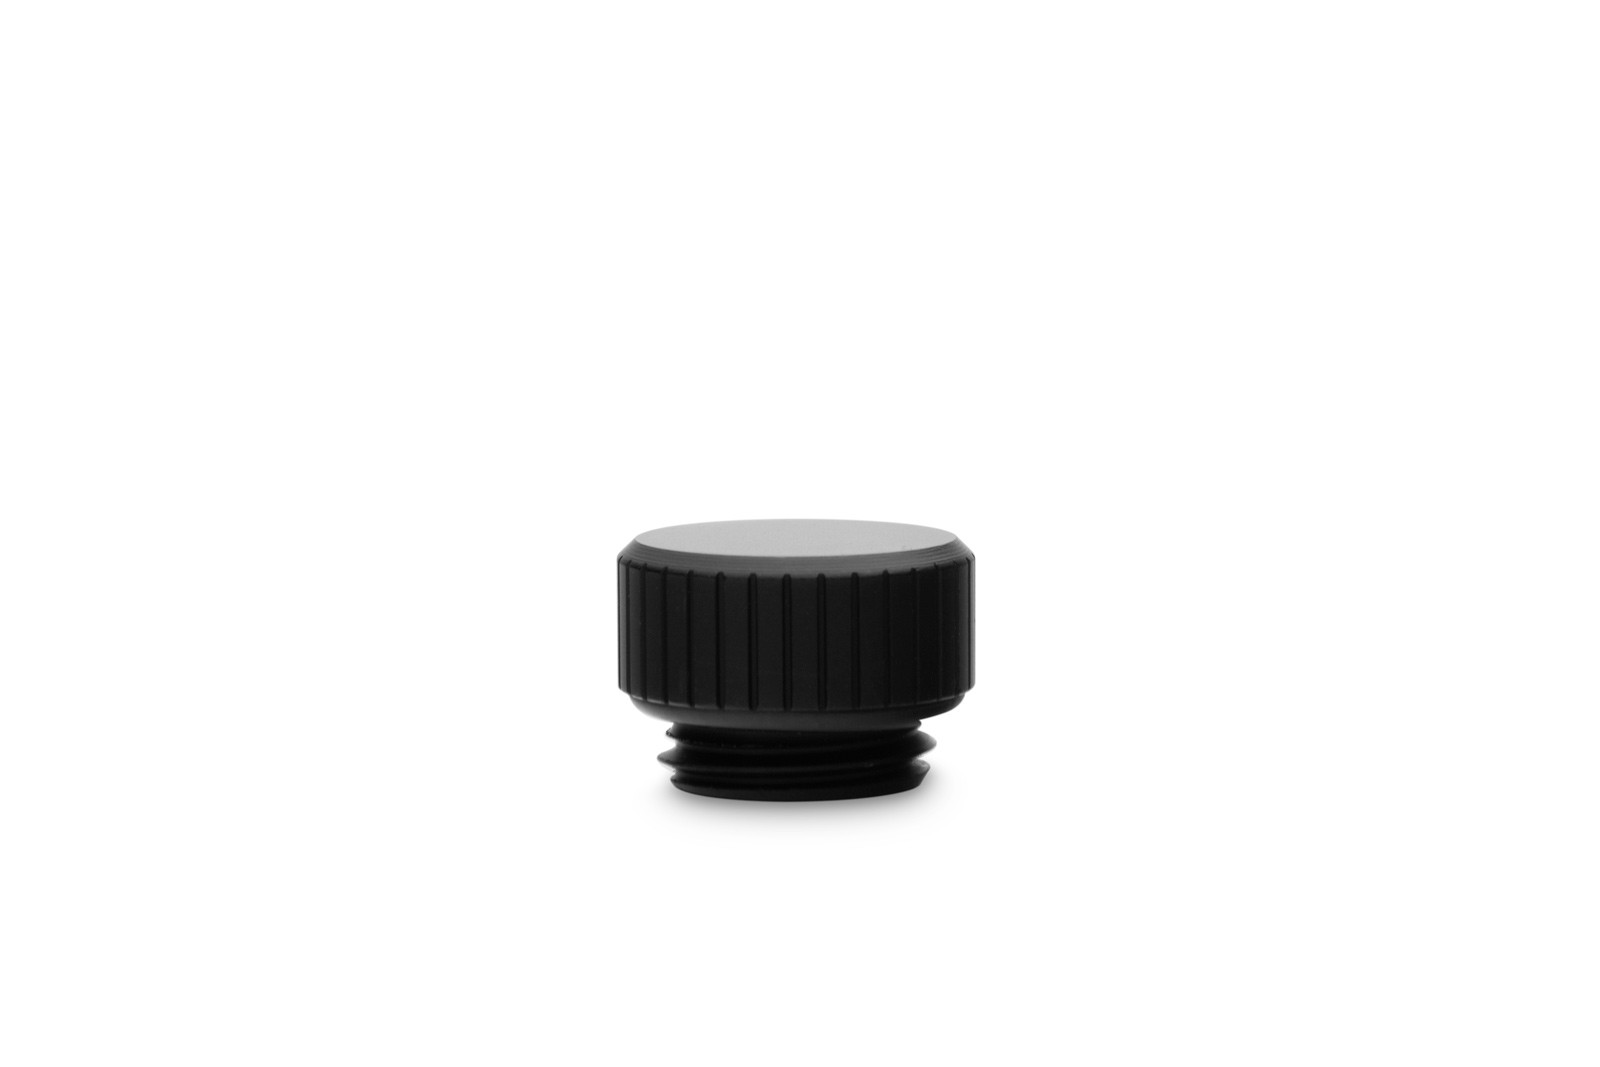 EK WaterBlocks EK-Quantum Torque Micro Plug - Black